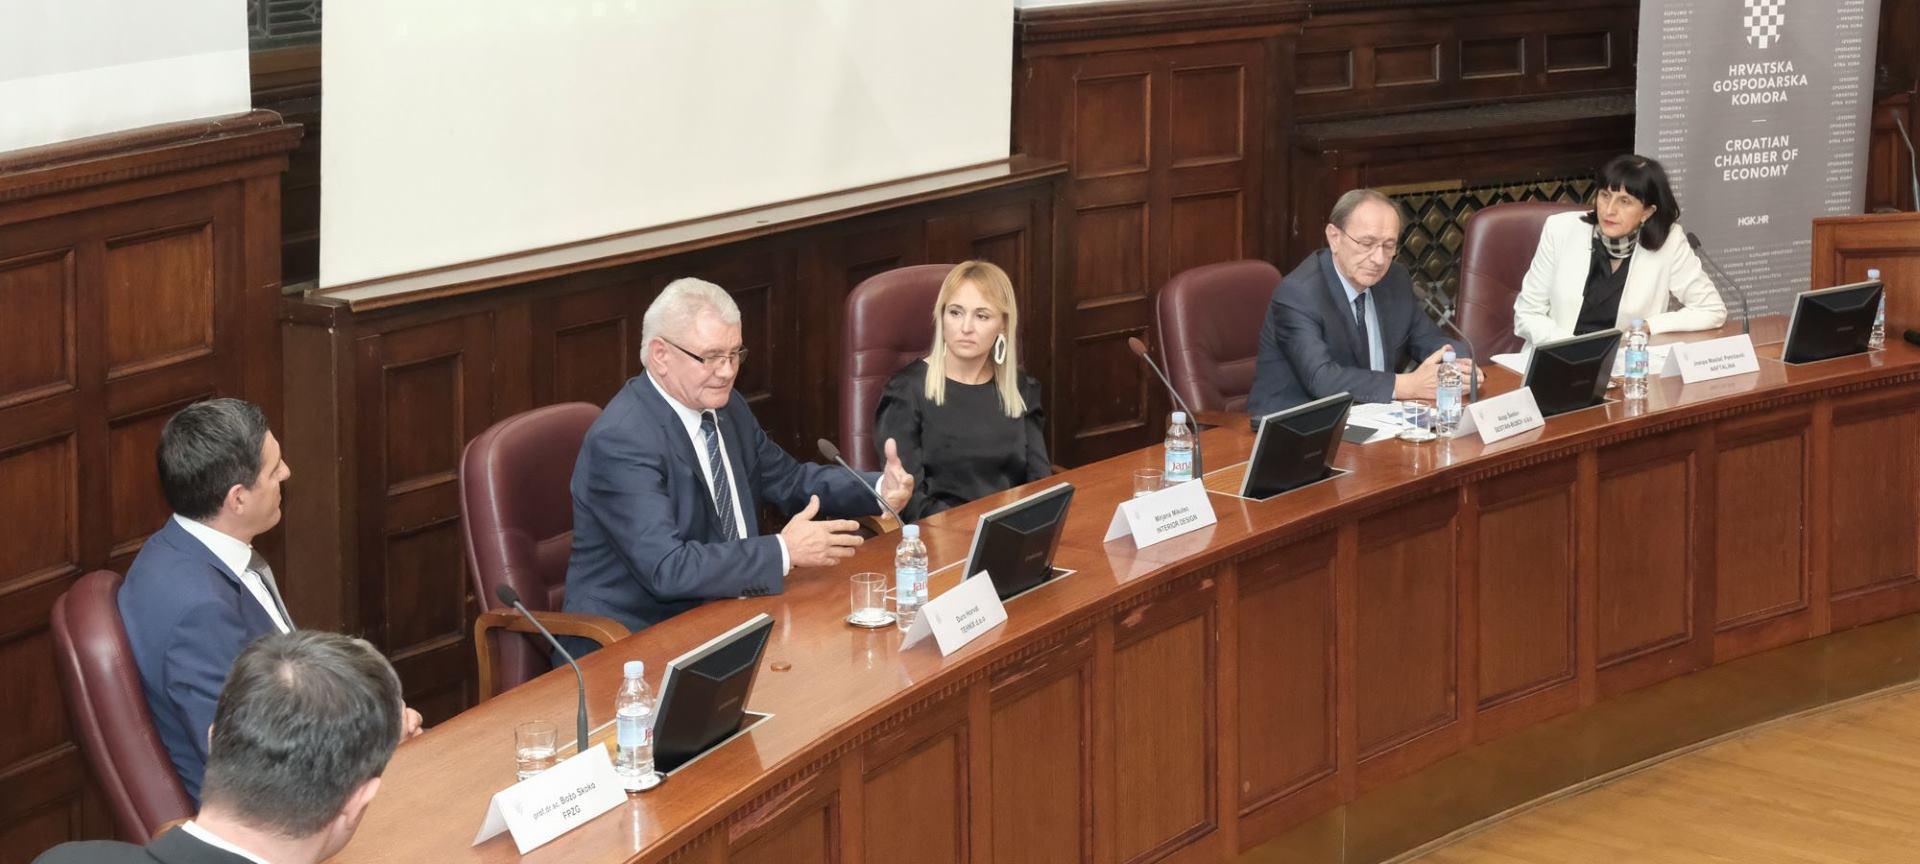 Održana konferencija 'Dizajn, inovacije i izvoz pokretači poduzetništva u RH'